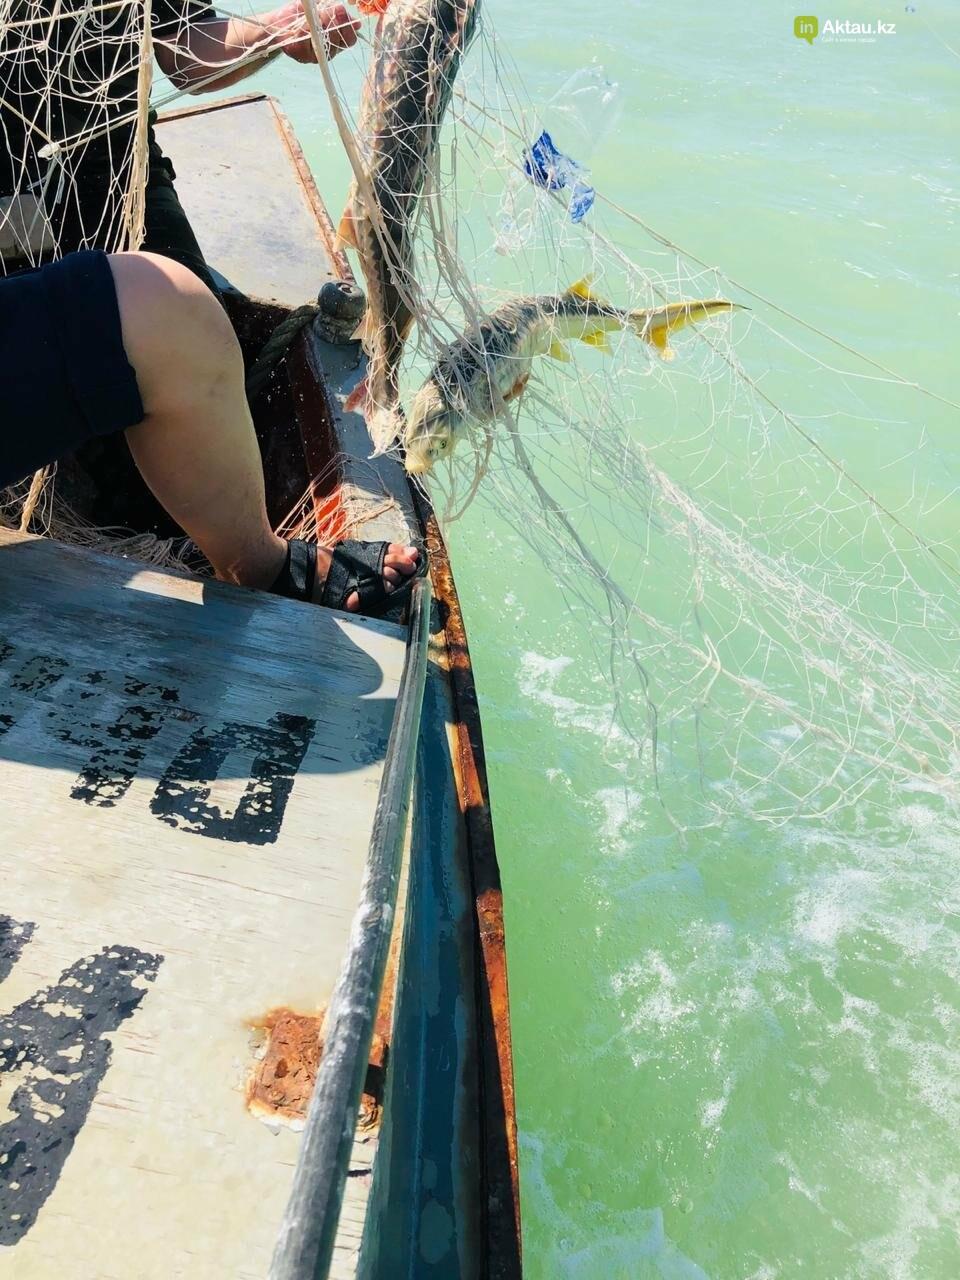 """В Мангистау рыбная инспекция обнаружила """"базу браконьеров"""", фото-1"""